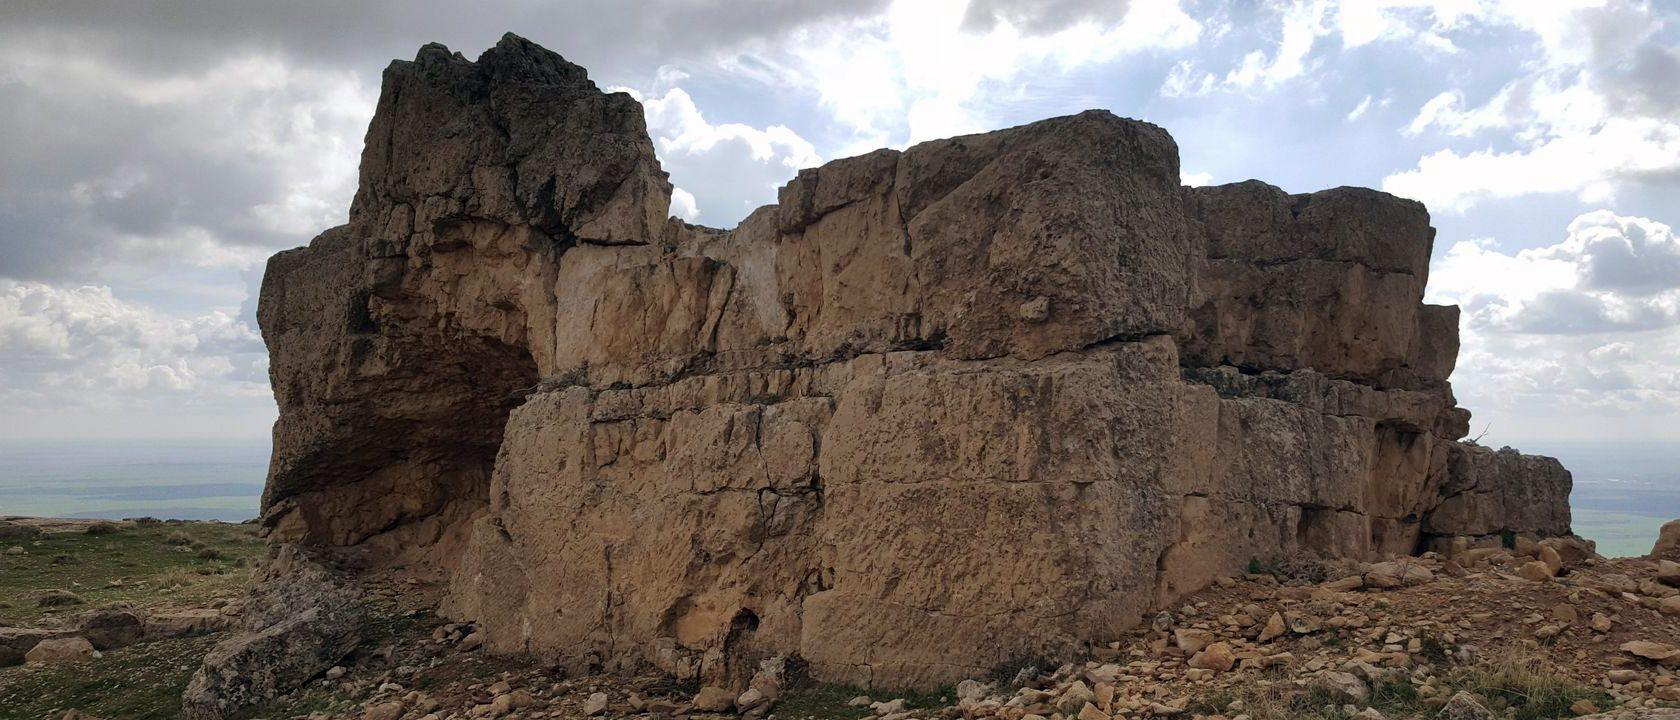 Девичья крепость (Kız kalesi) в 5 км от Мардина